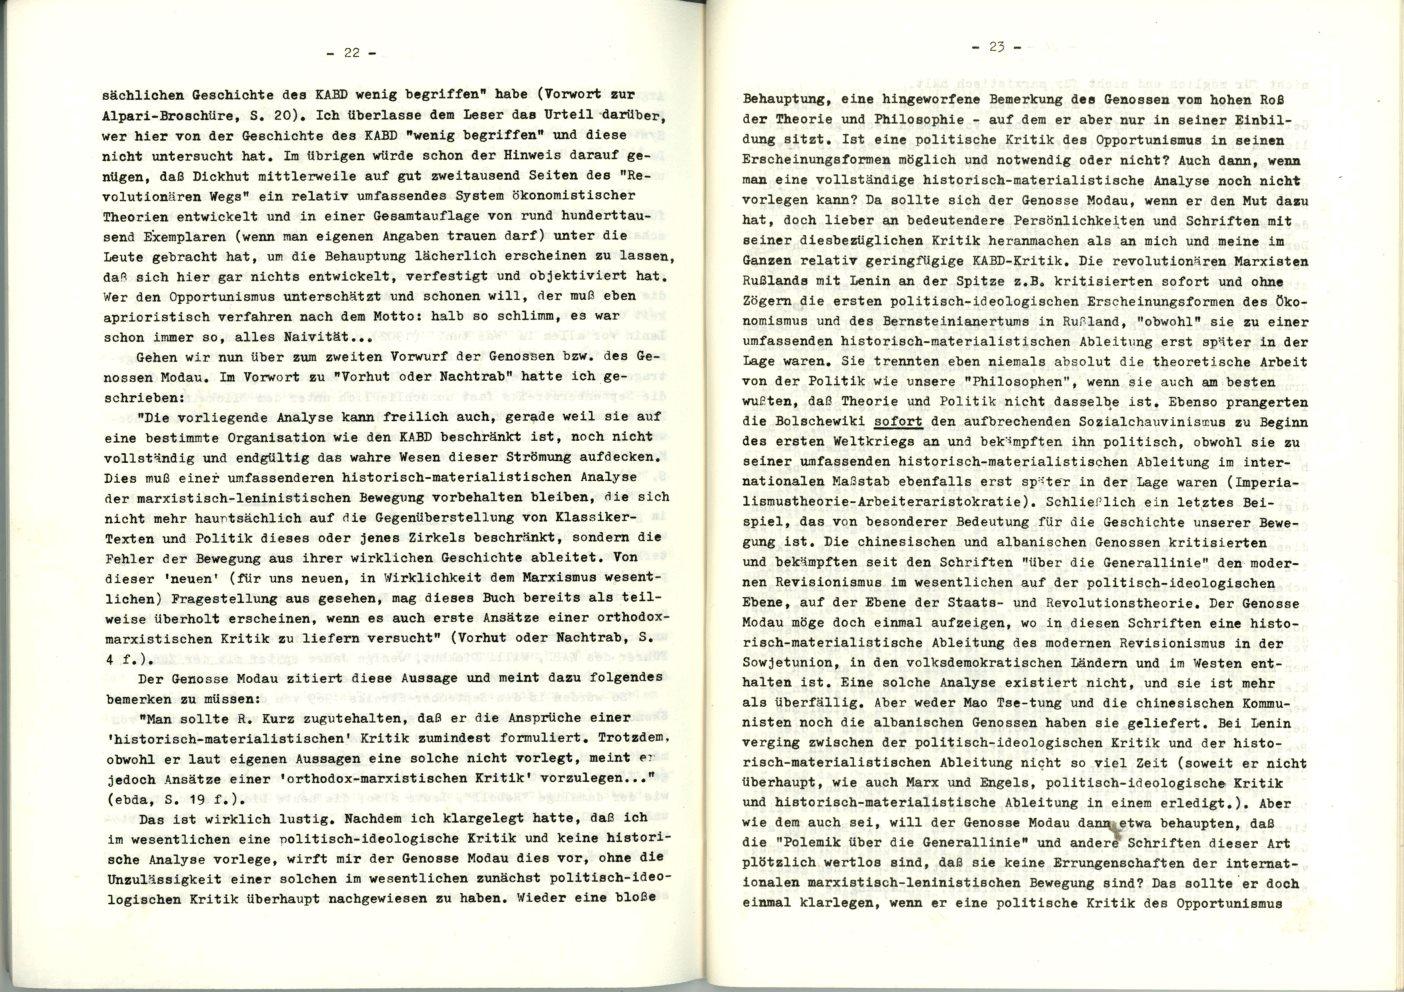 Nuernberg_Fuerth_Erlangen_ML_Diskussionsbeitraege_1979_02_12